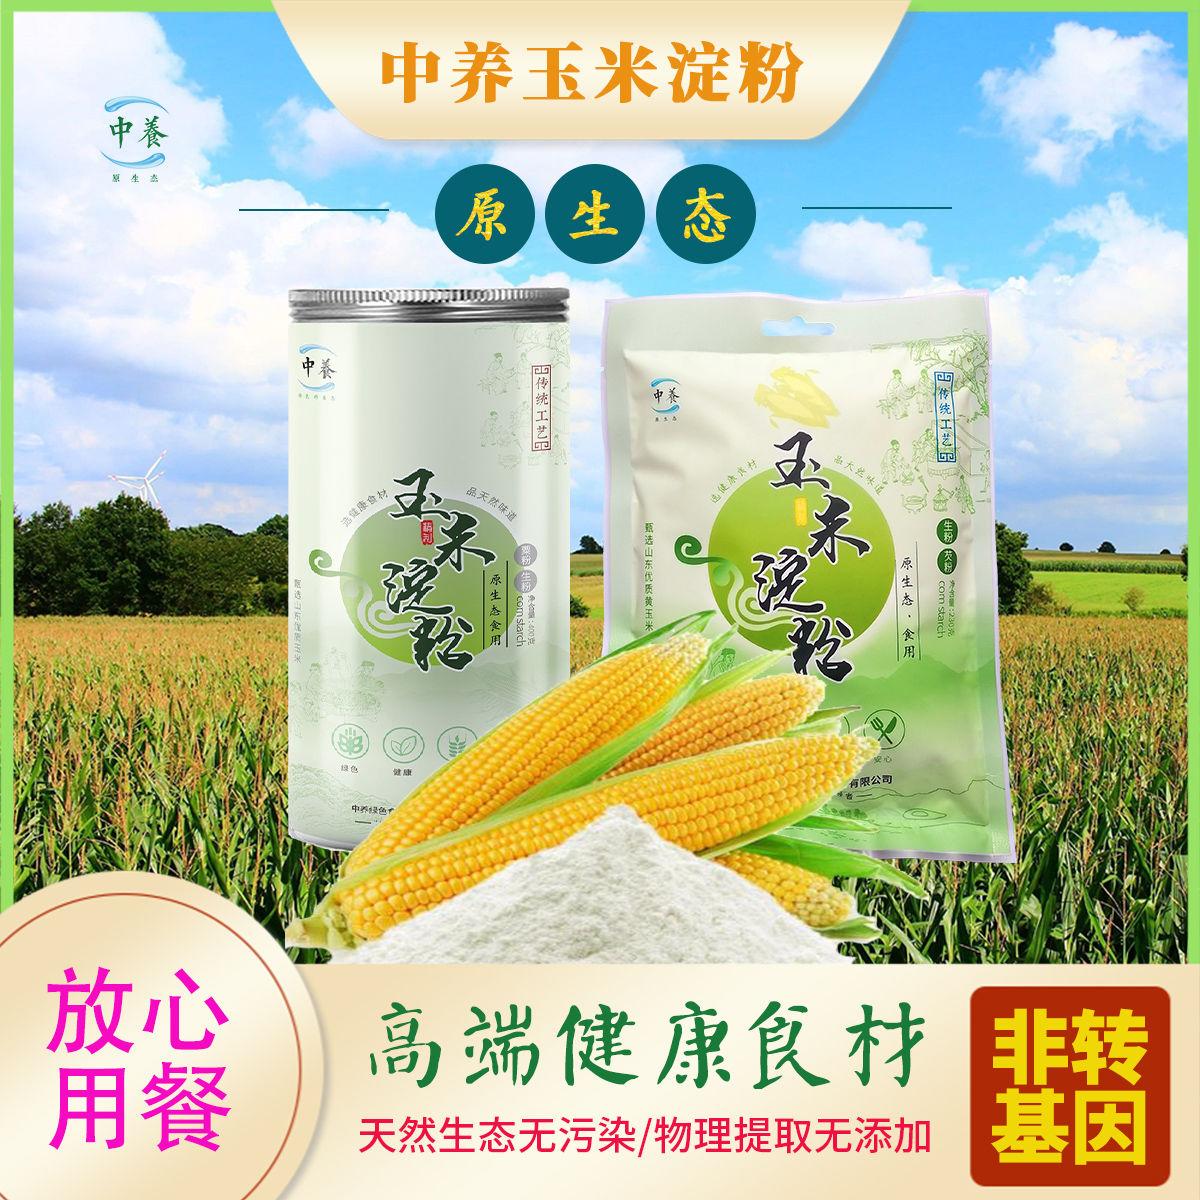 玉米淀粉食用家用生粉团粉勾芡粉炒菜烘焙绿色原生态非转基因中养